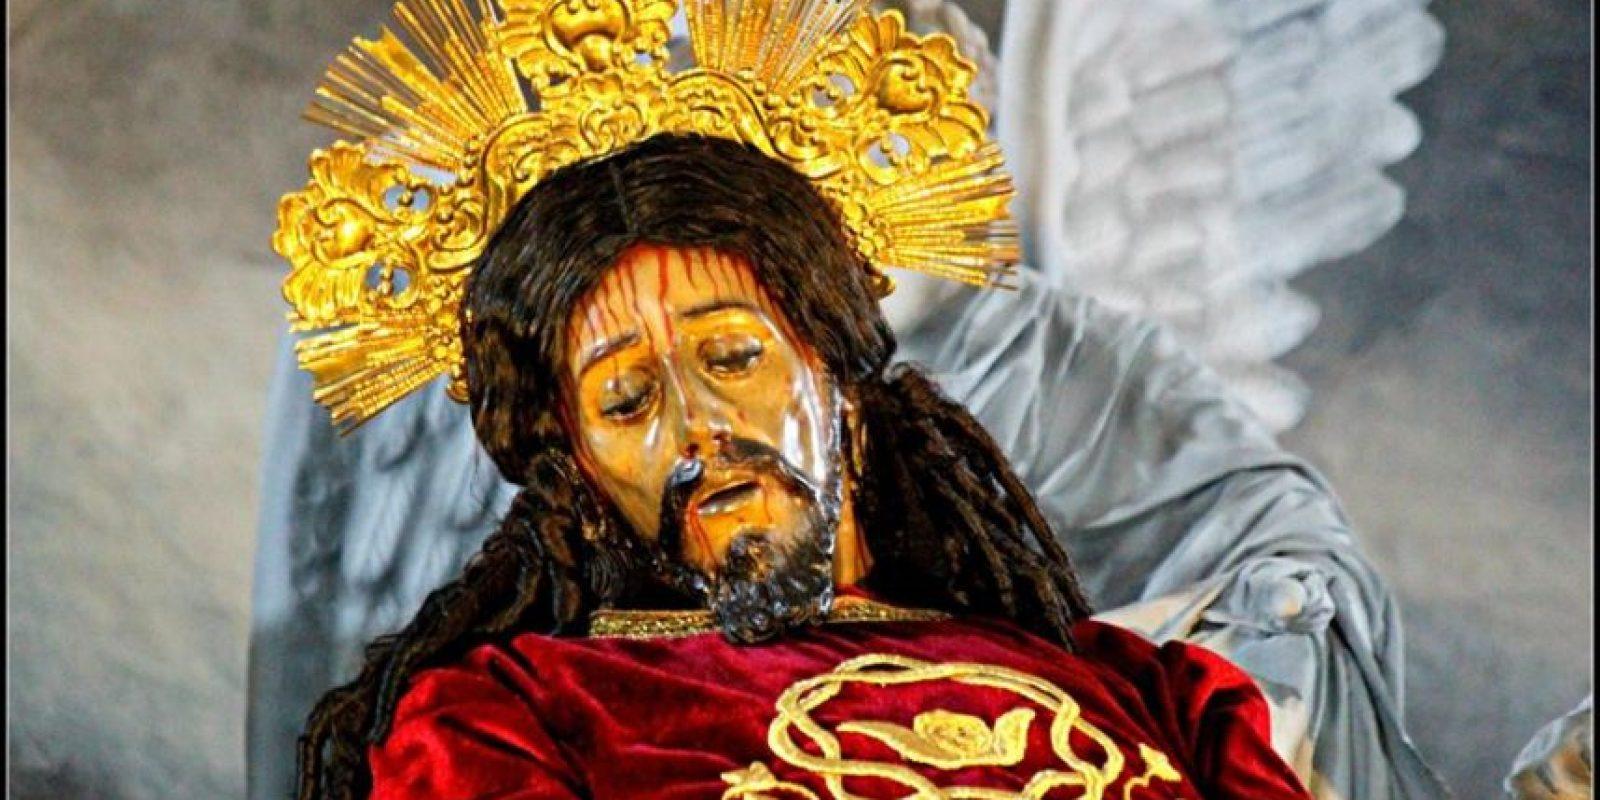 Foto:Facebook/Jesús Sepultado de San Felipe